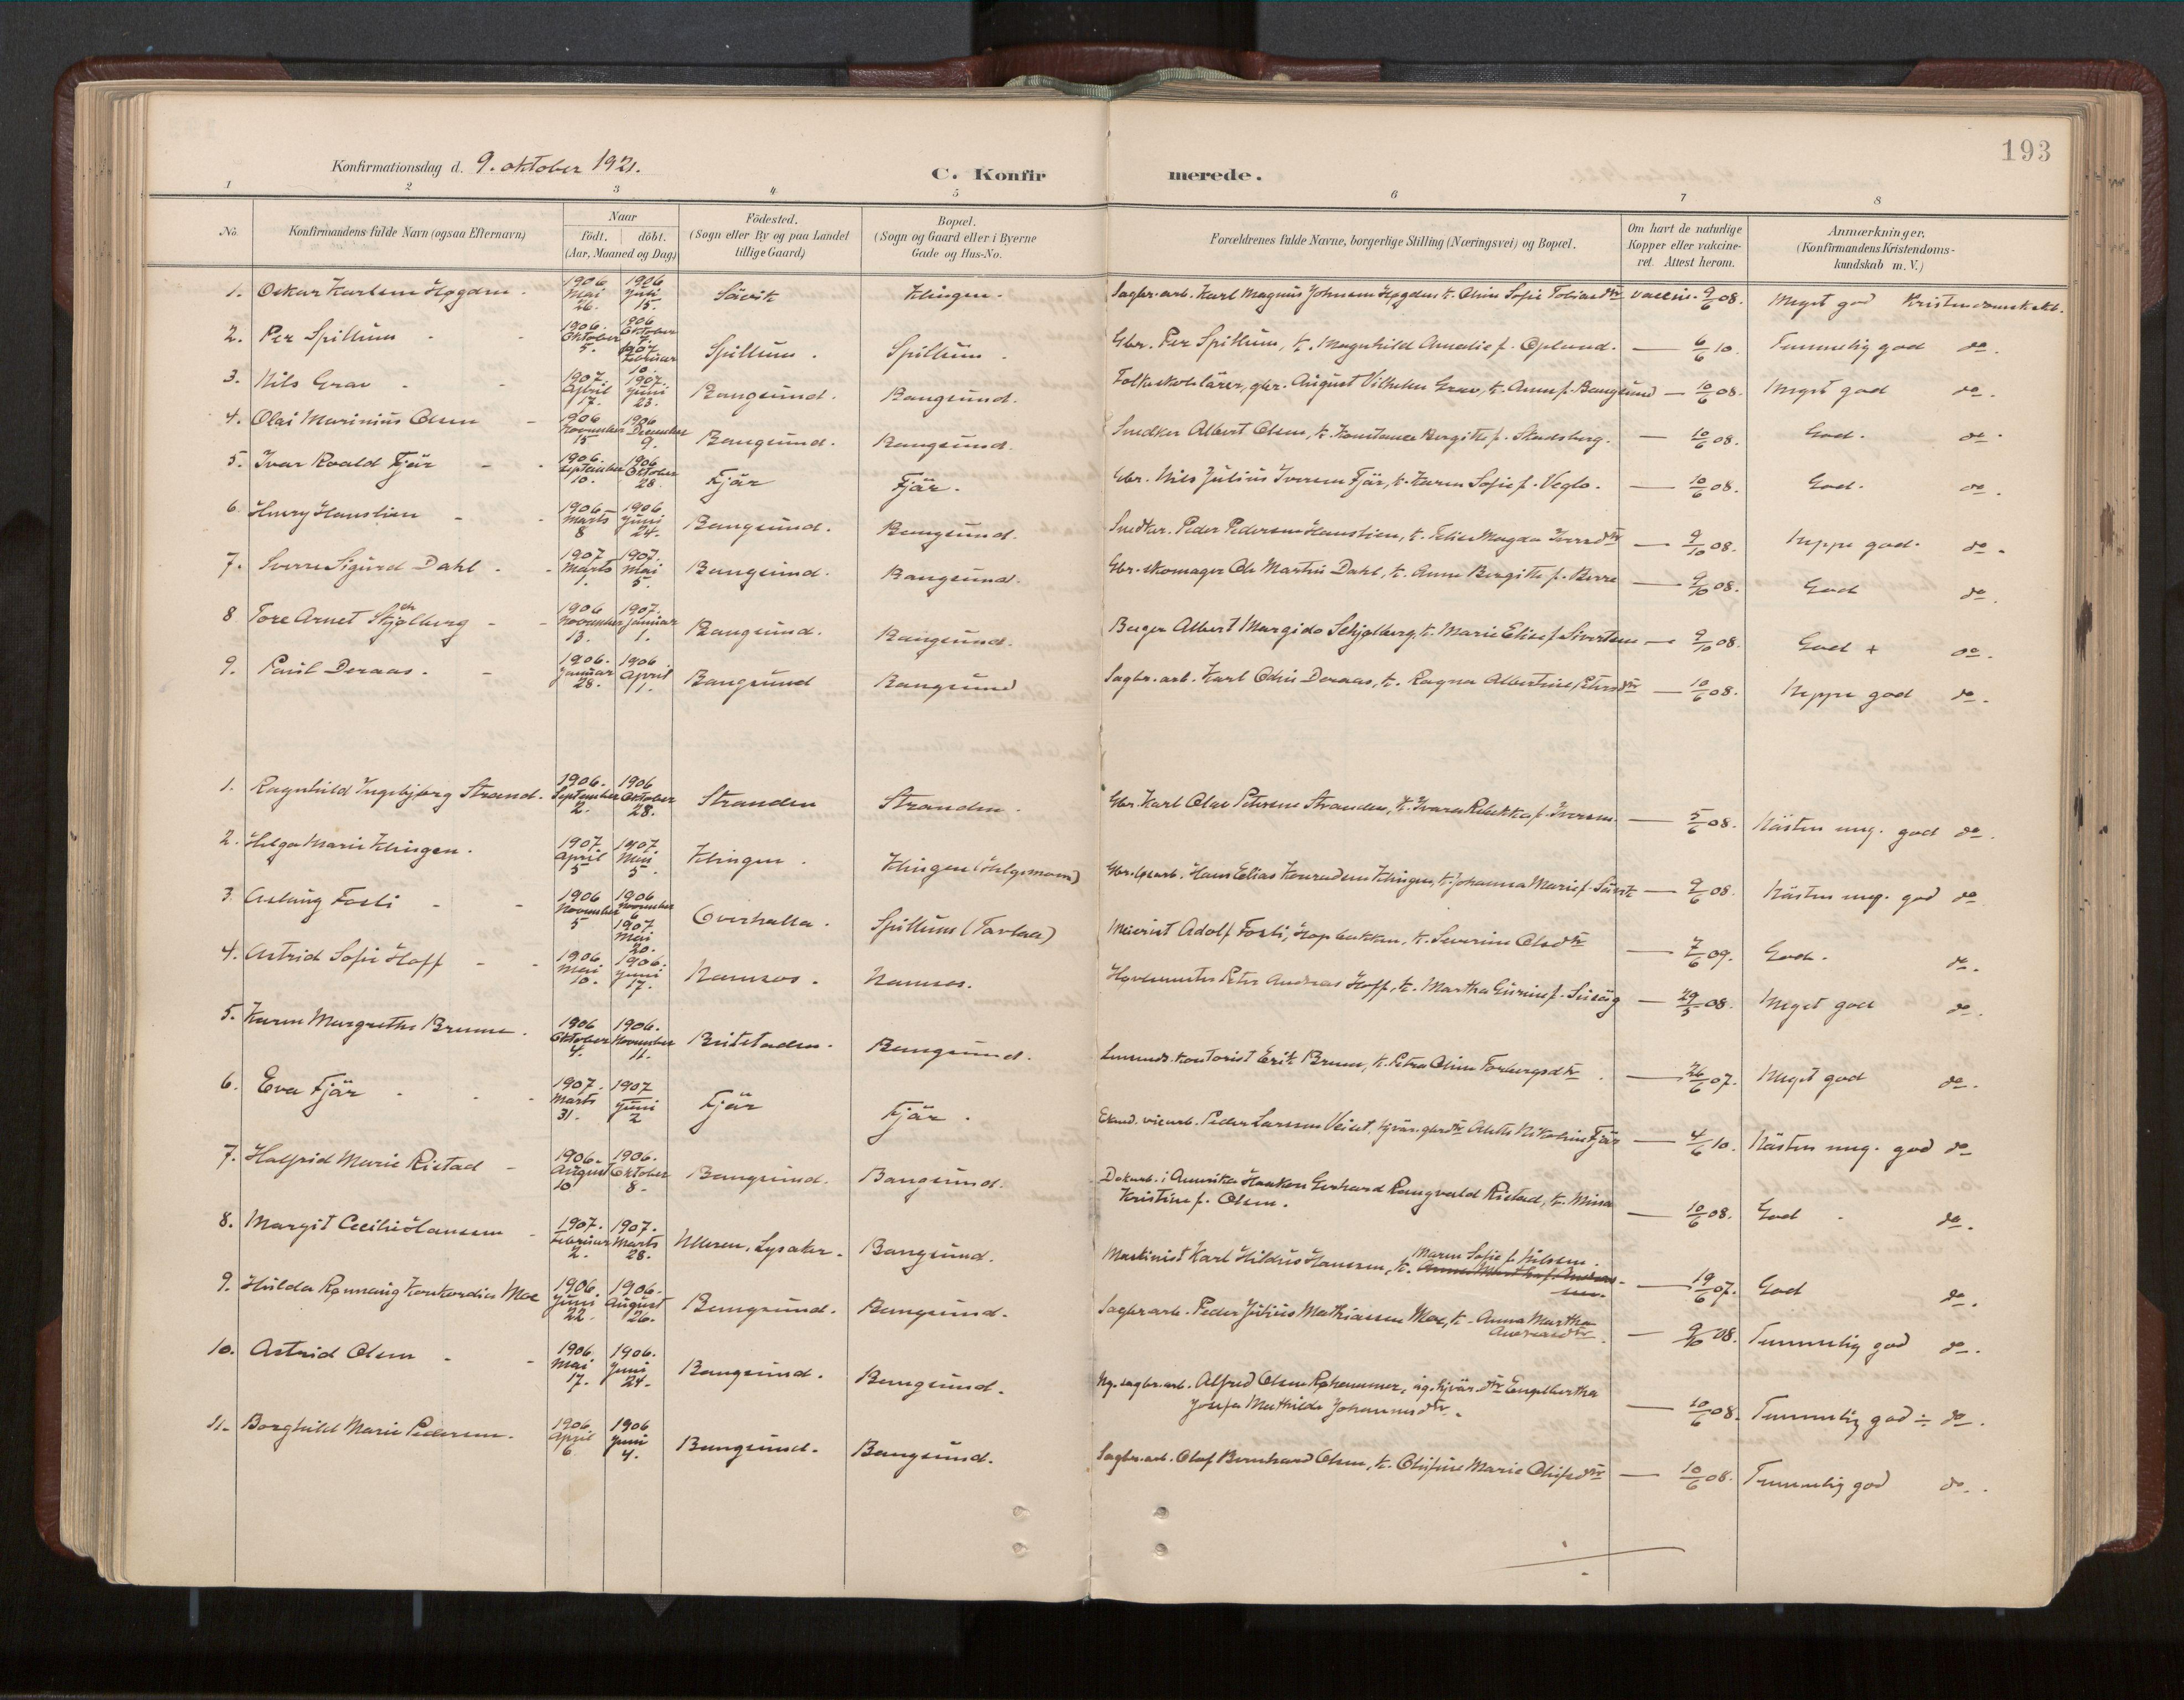 SAT, Ministerialprotokoller, klokkerbøker og fødselsregistre - Nord-Trøndelag, 770/L0589: Ministerialbok nr. 770A03, 1887-1929, s. 193